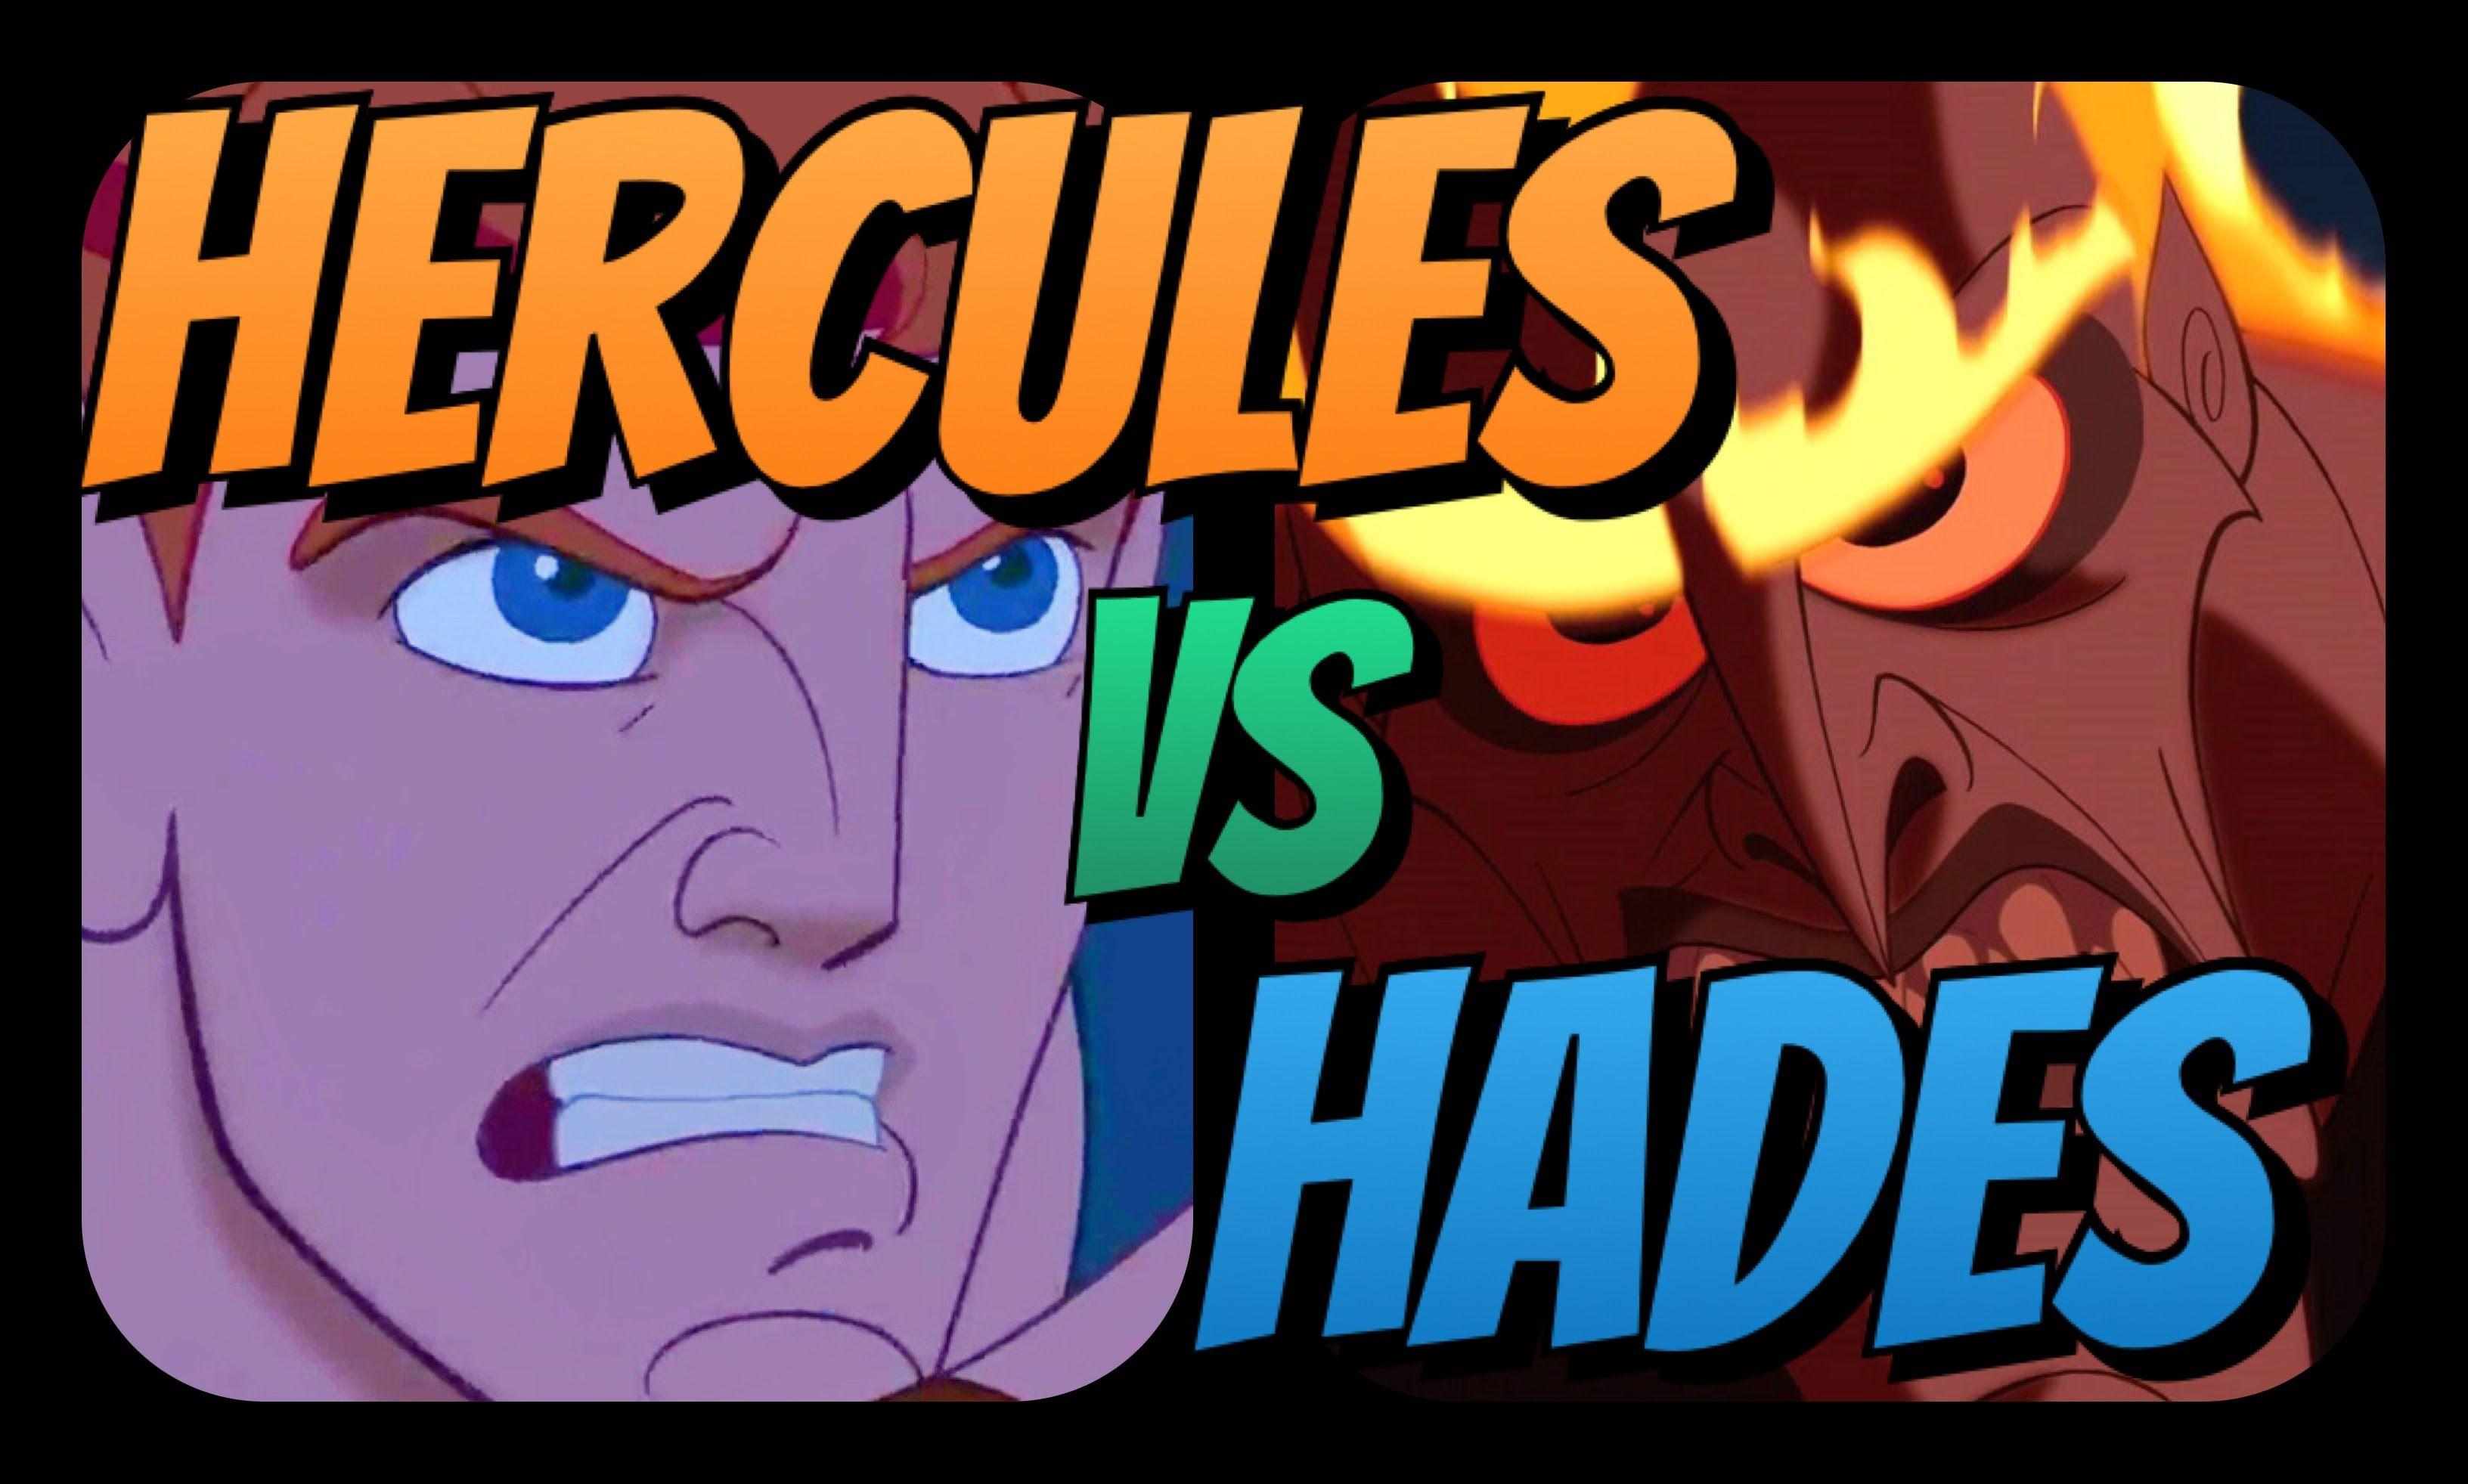 hercules vs hades